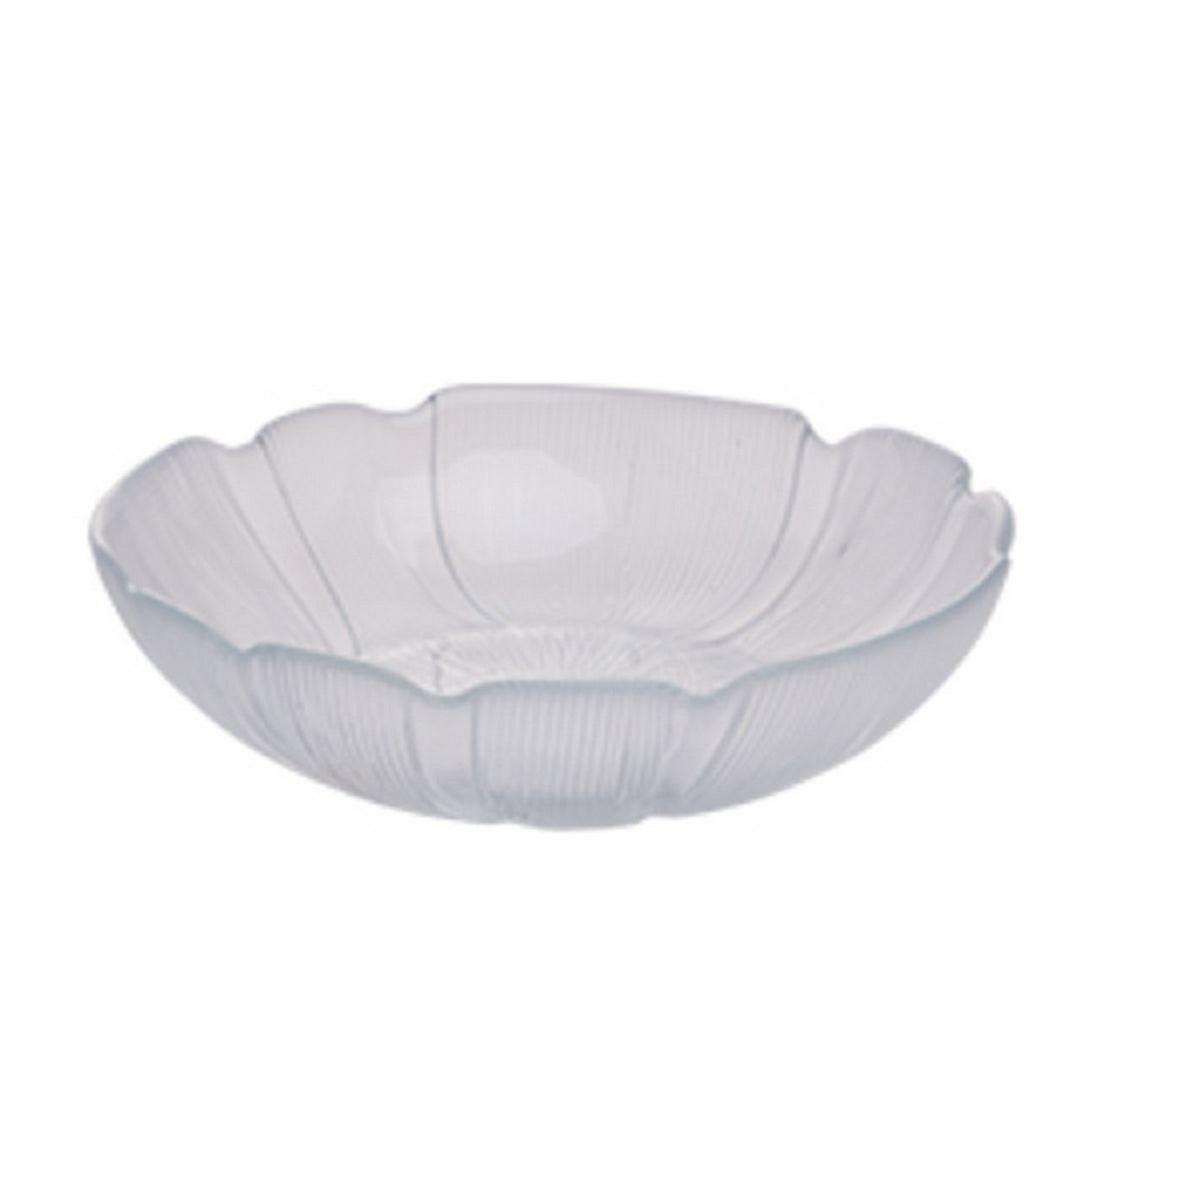 Jogo Bowls de Vidro Sodo-Calcico Flower 6 Peças